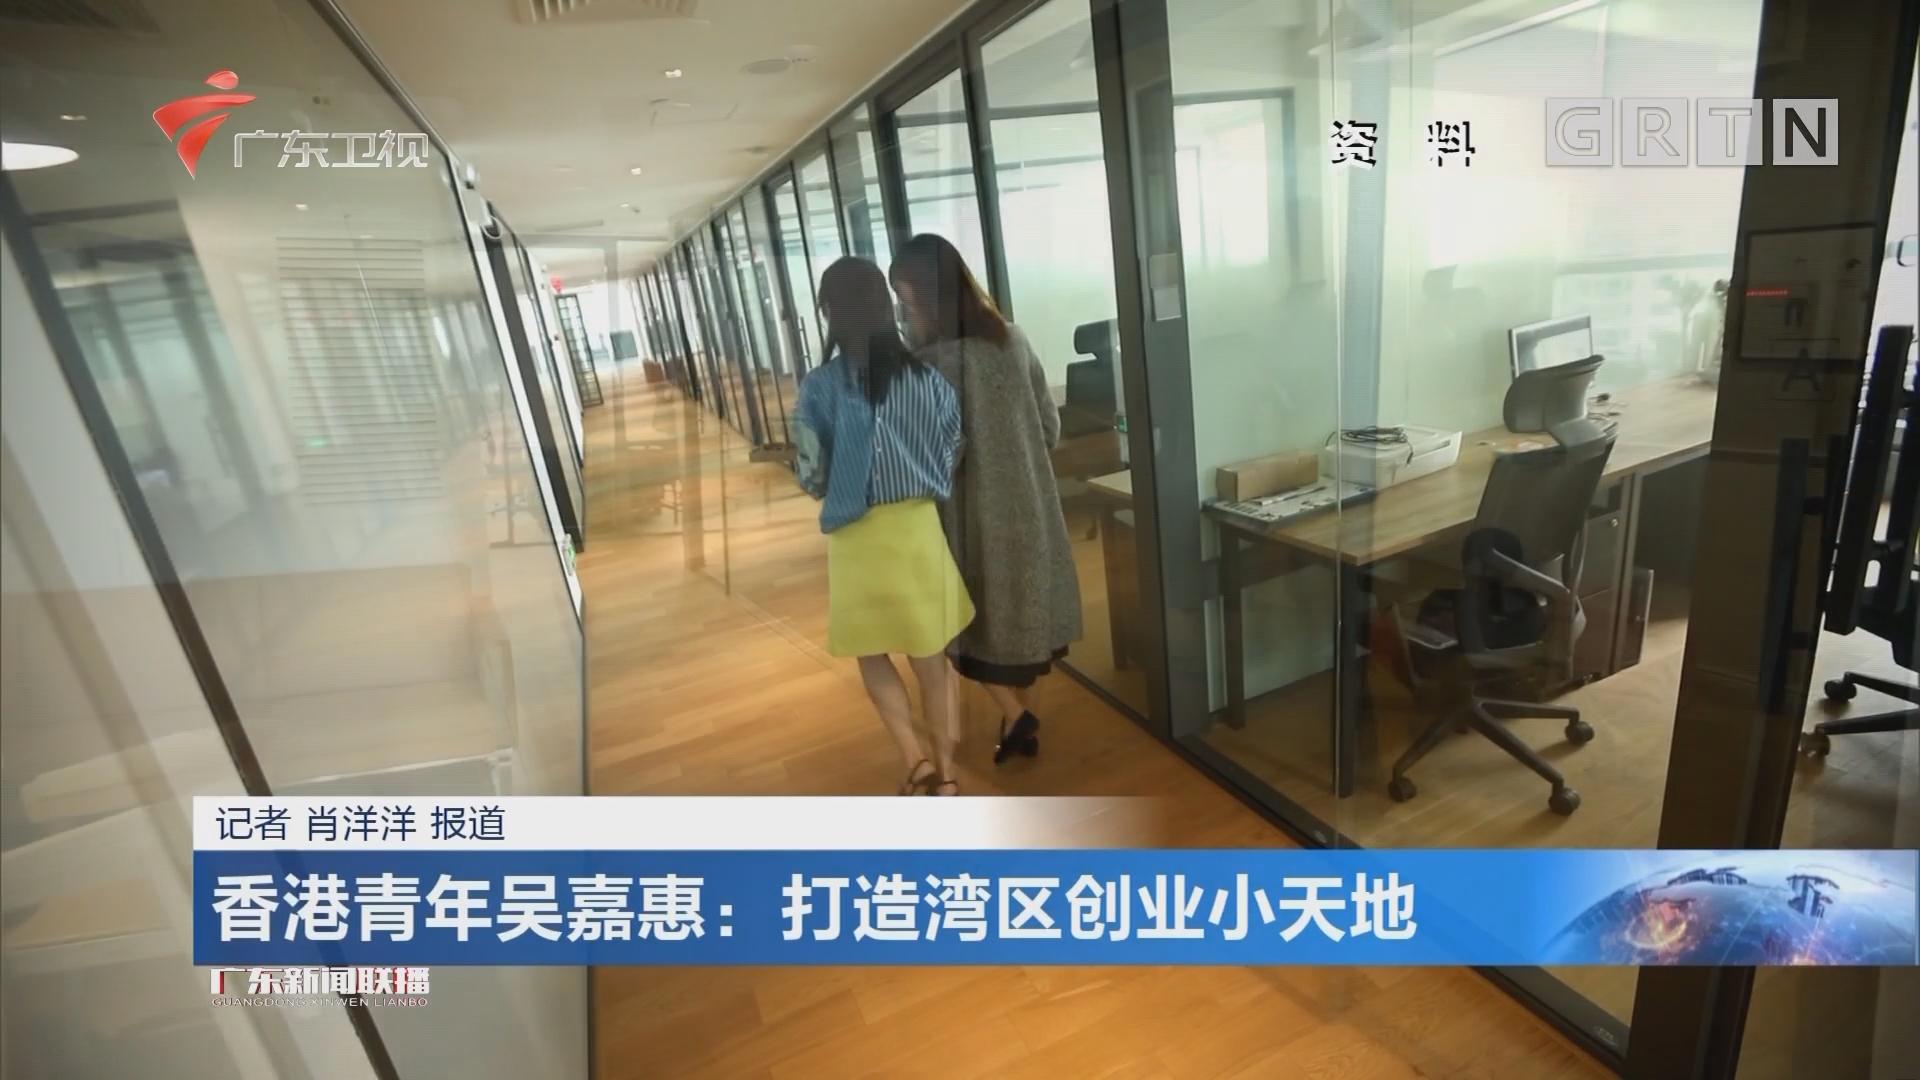 香港青年吴嘉惠:打造湾区创业小天地